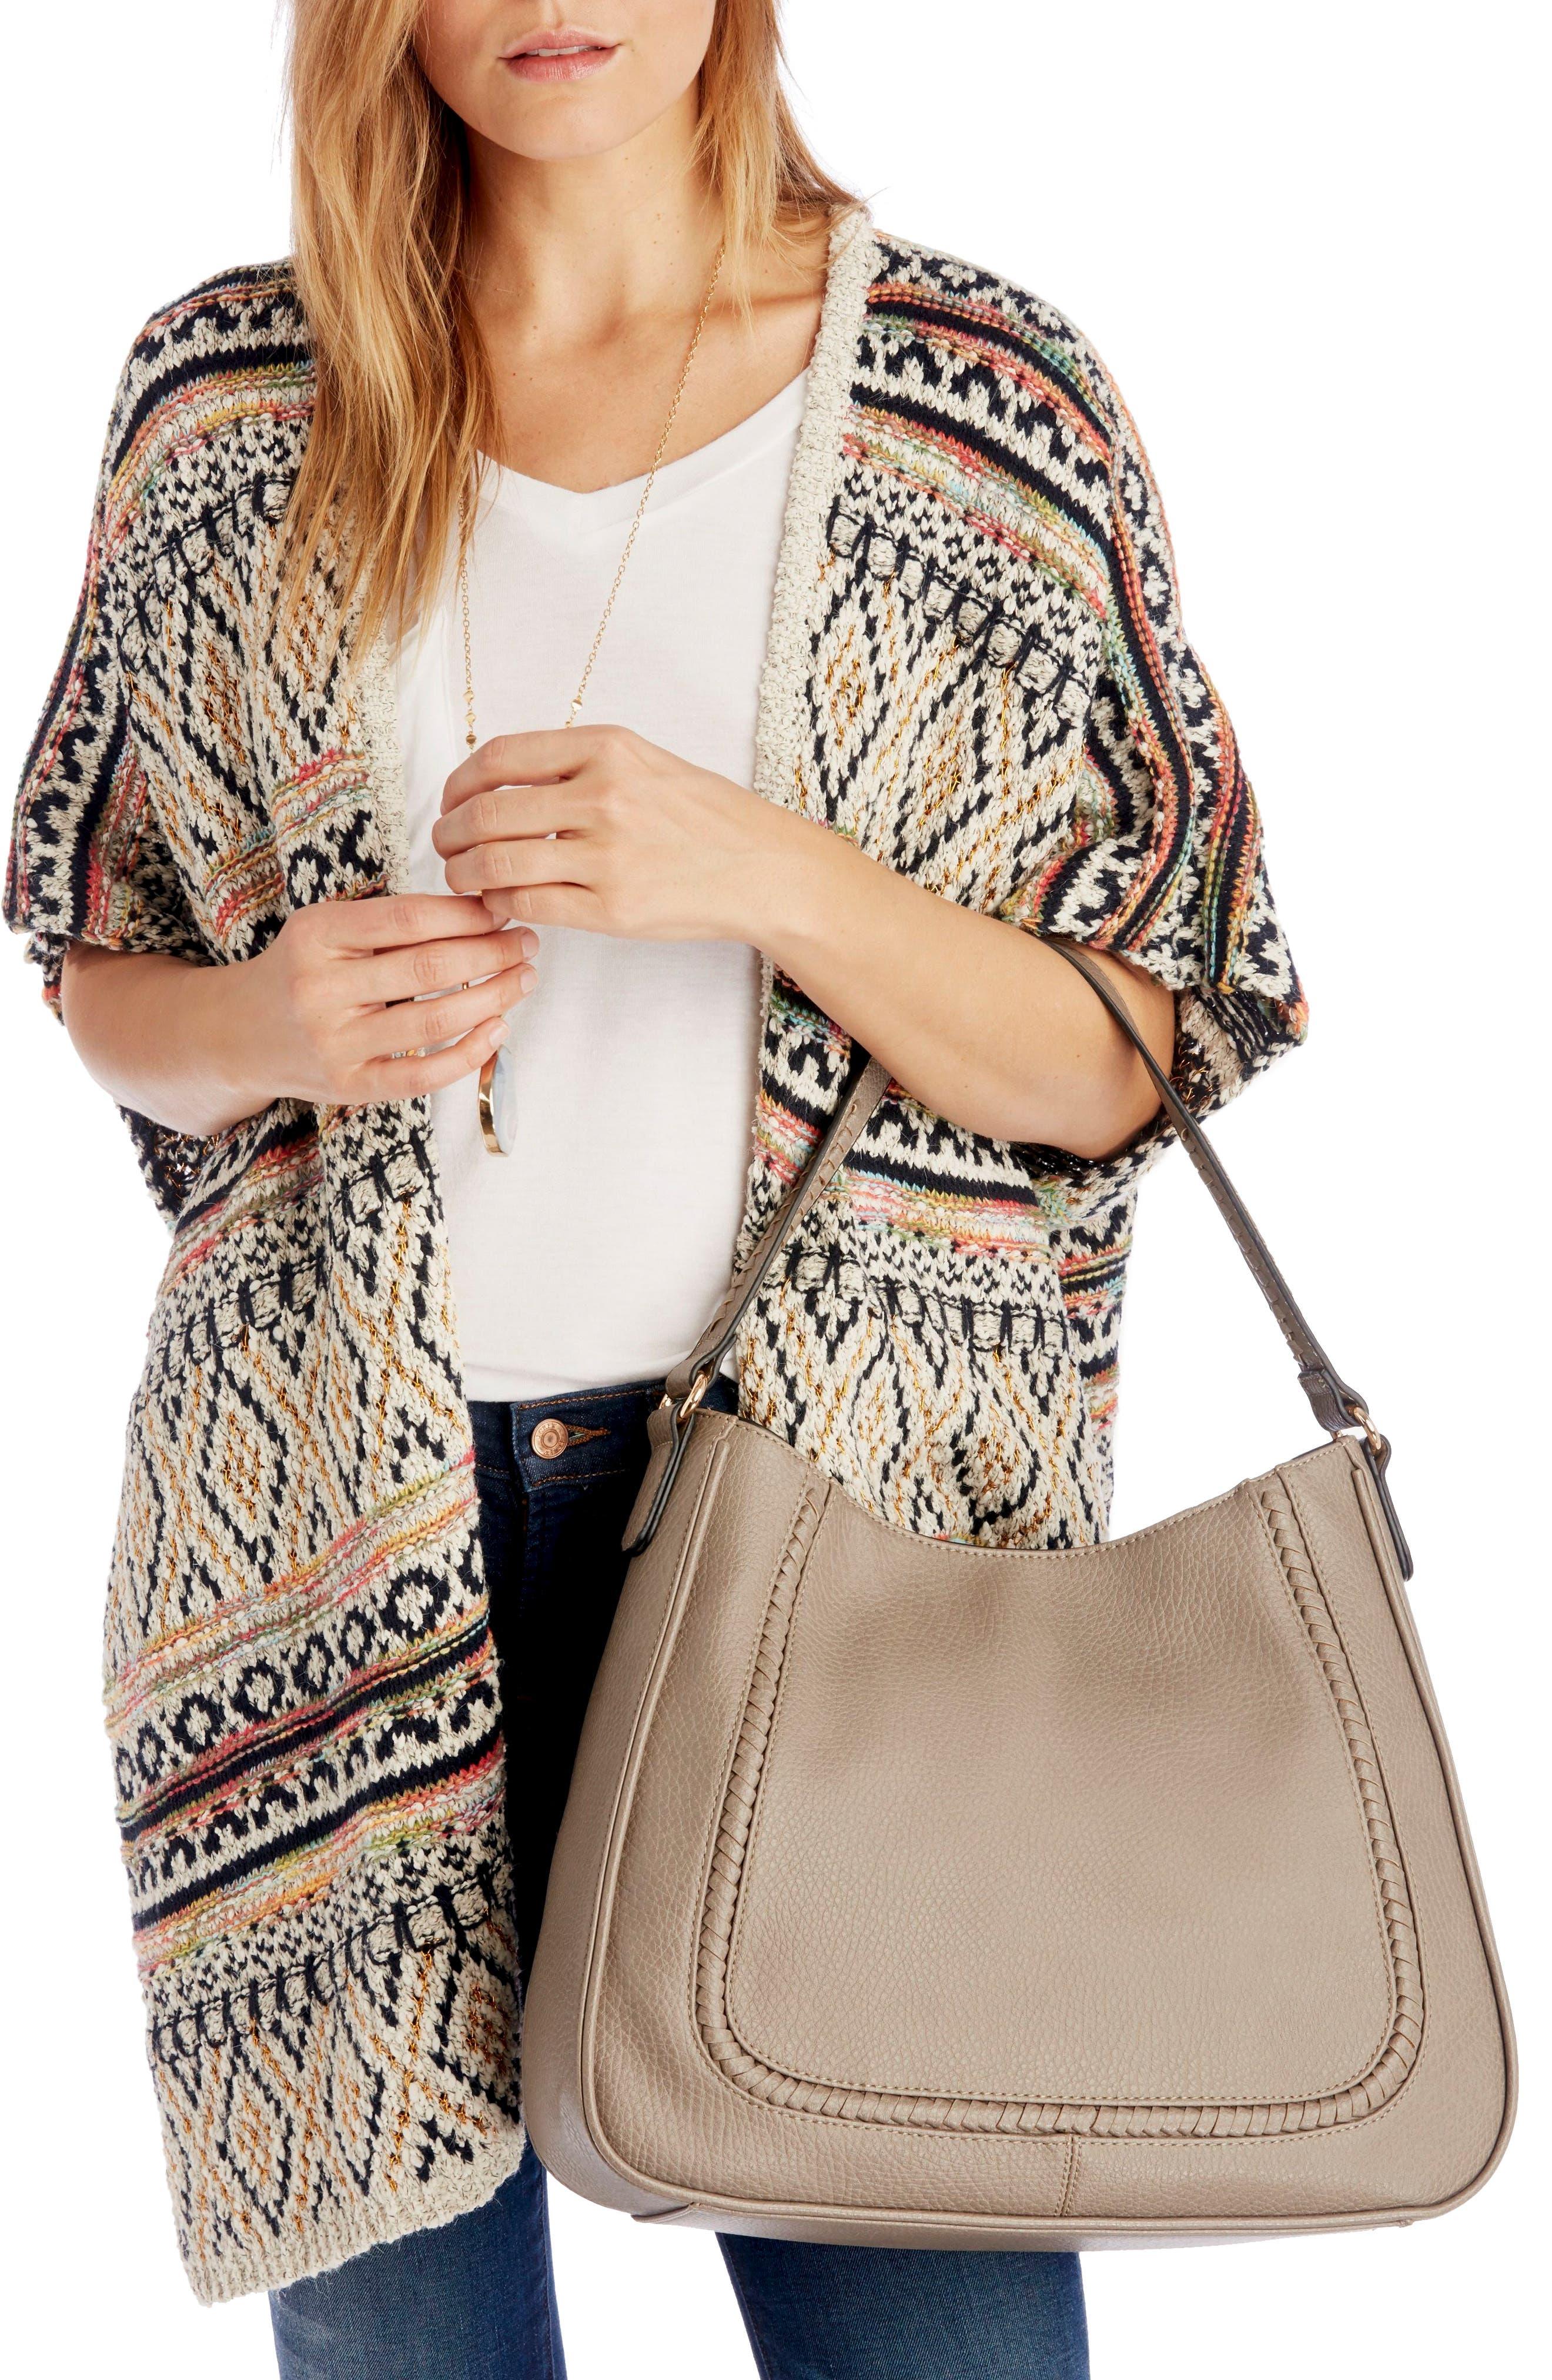 Sarafina Faux Leather Shoulder Bag,                             Alternate thumbnail 2, color,                             020